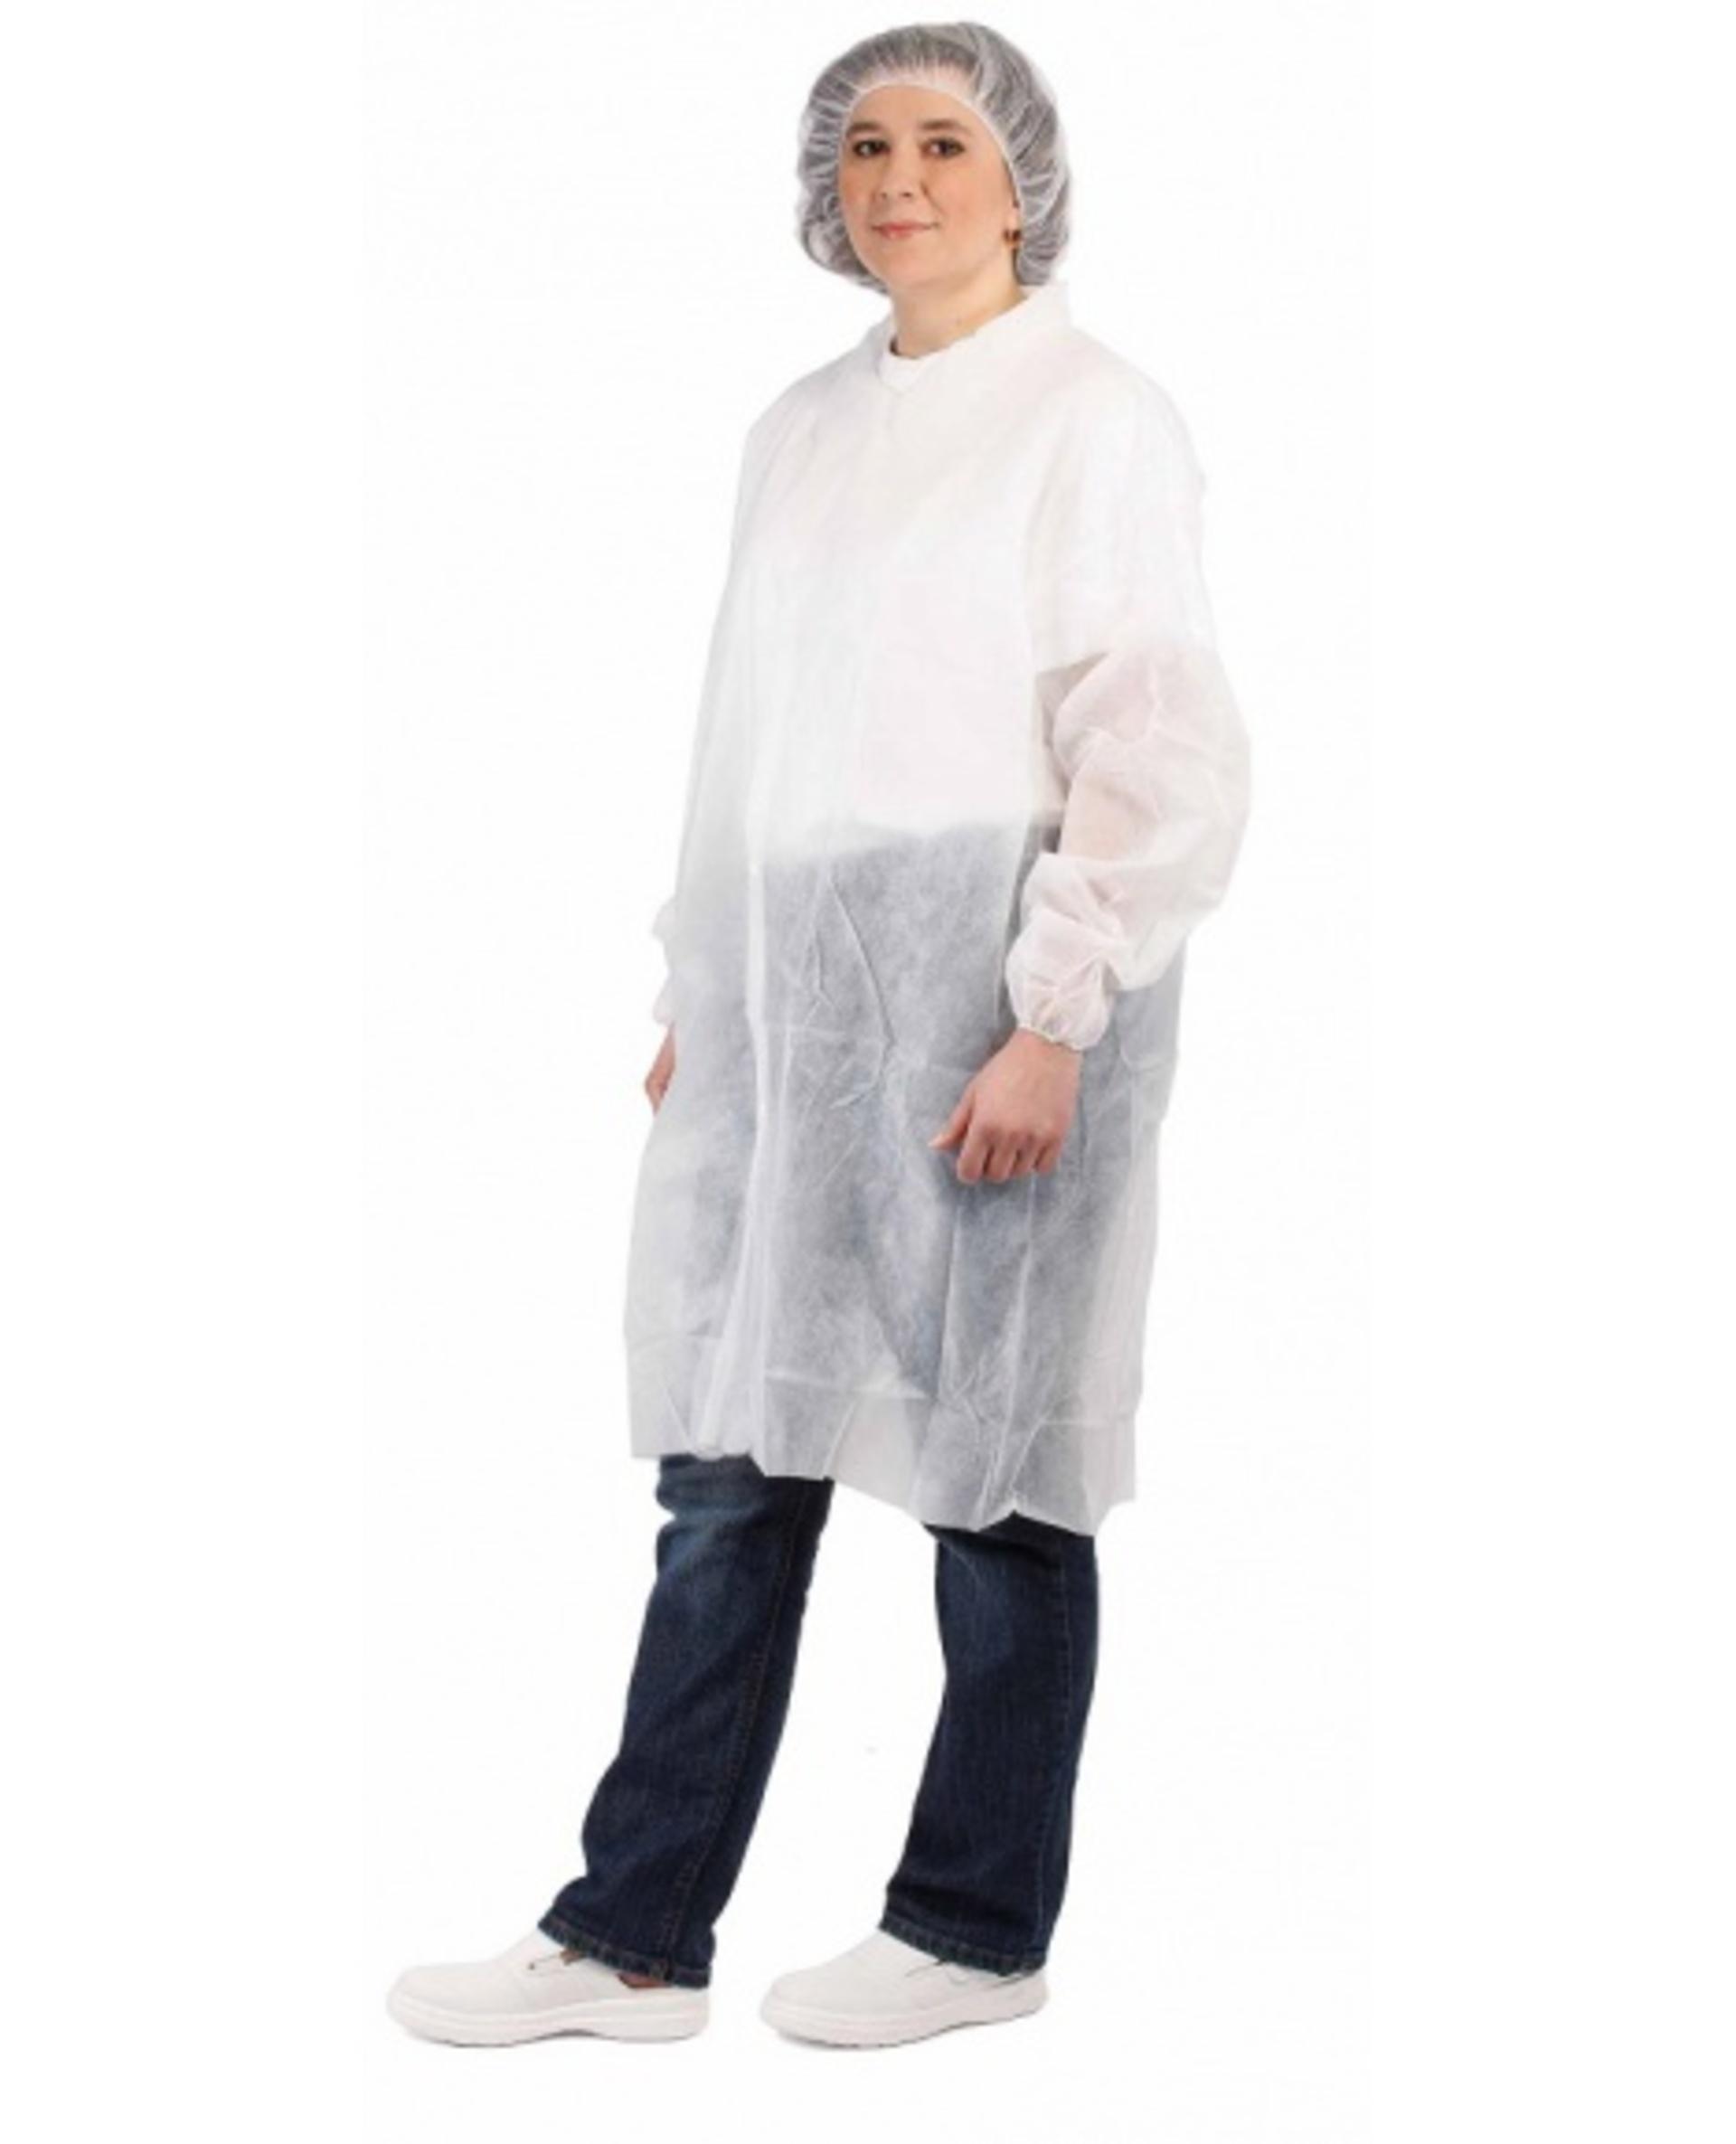 Cerva BAT Plášť jednorázový XL + Bezplatné vrácení zboží